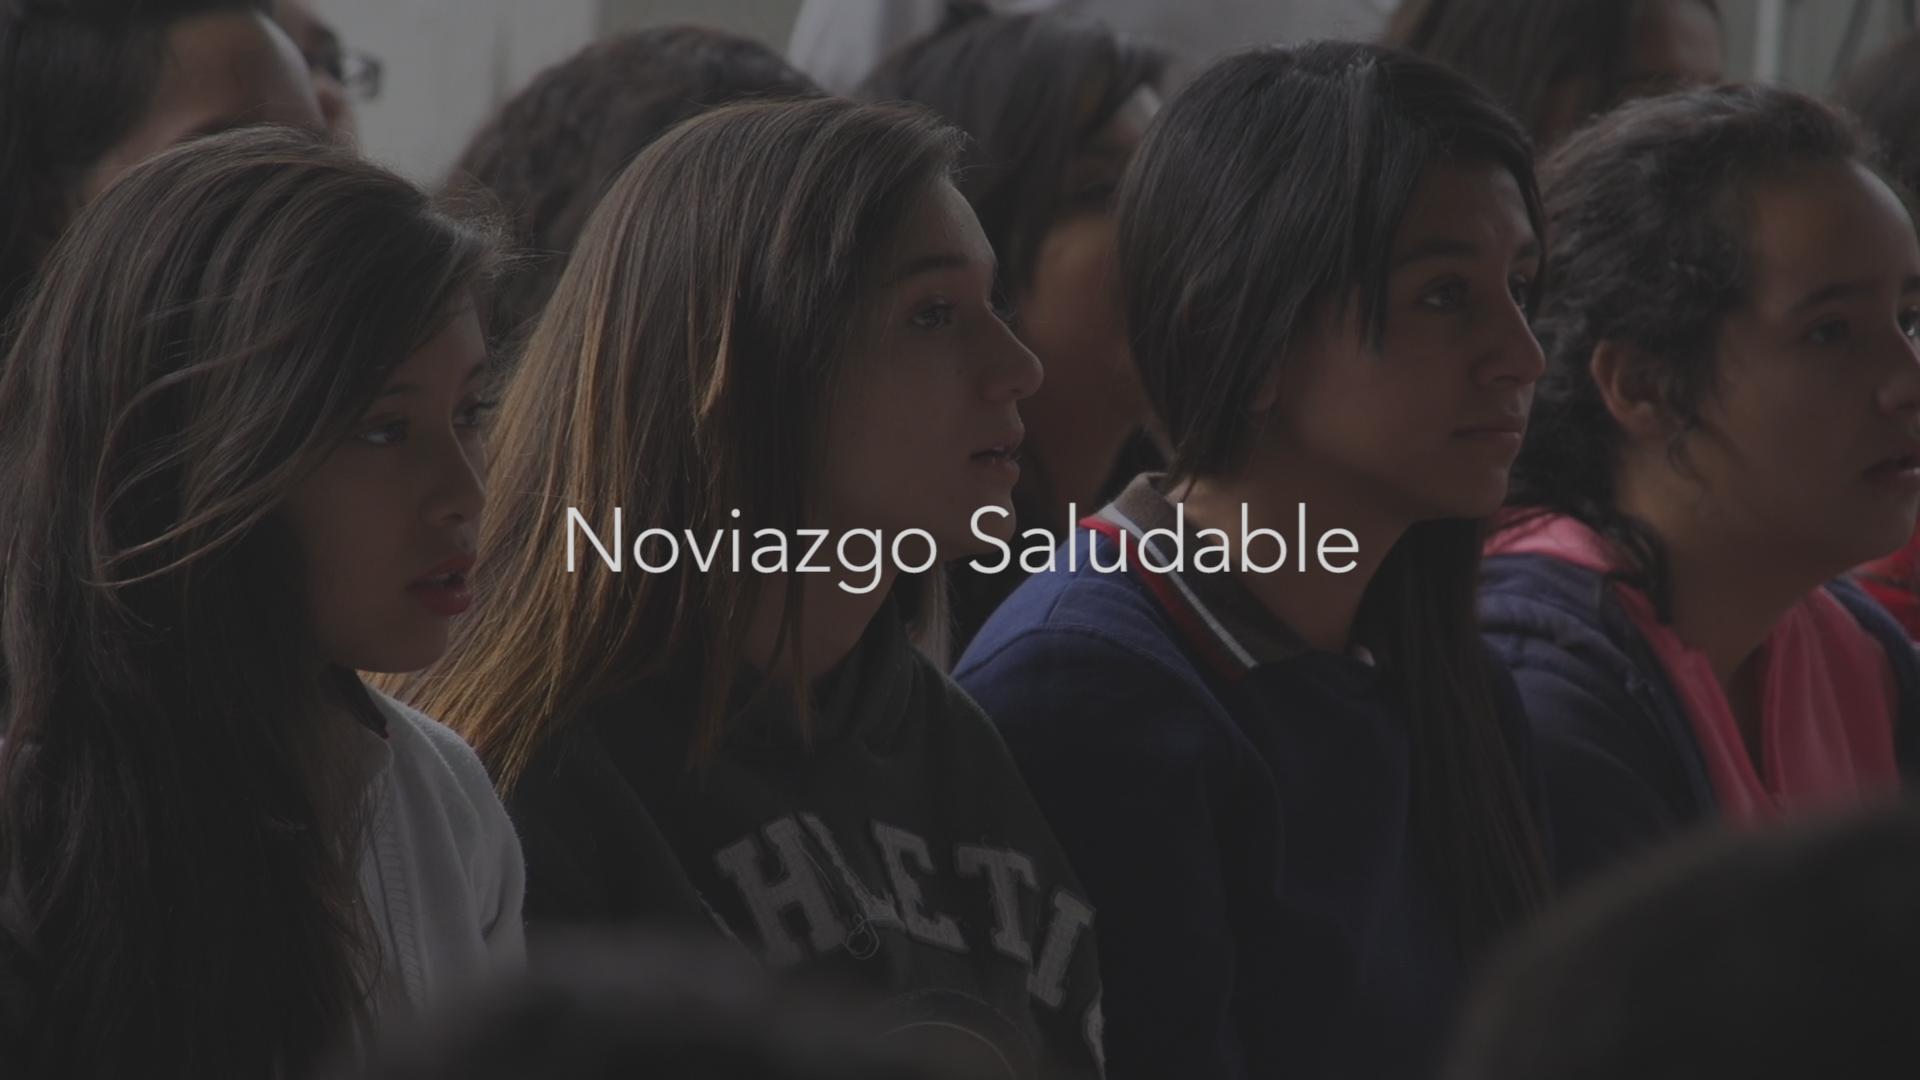 Noviazgo Saludable_02